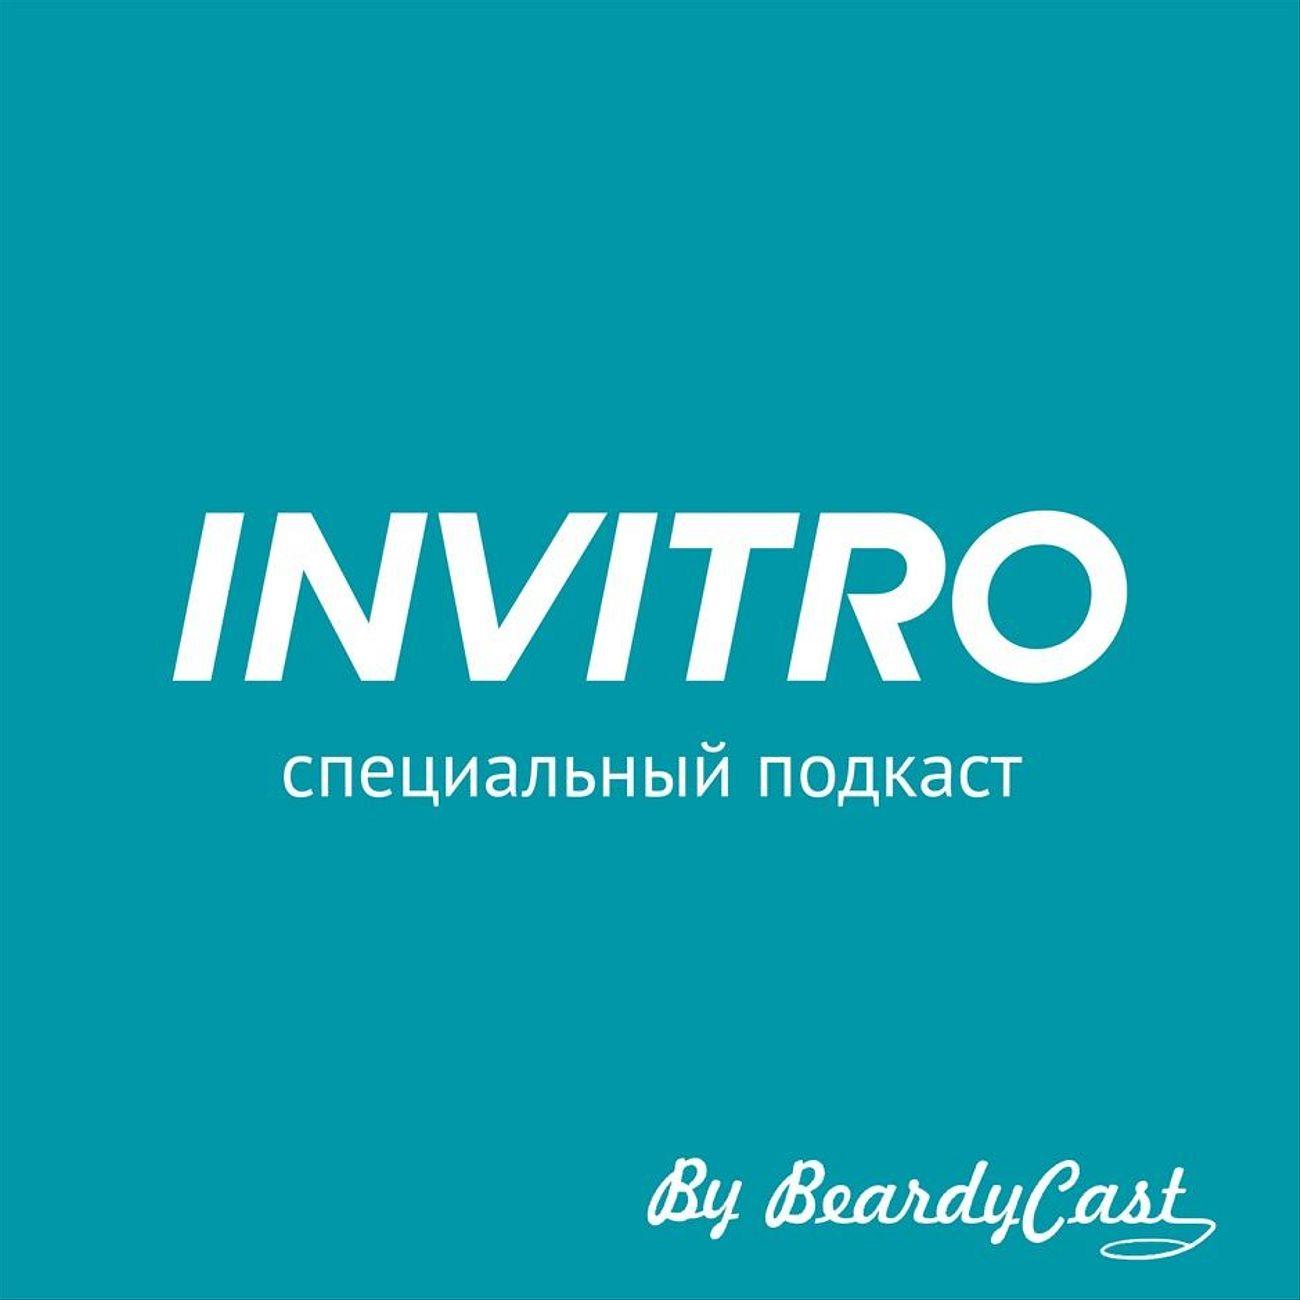 Специальный подкаст INVITRO